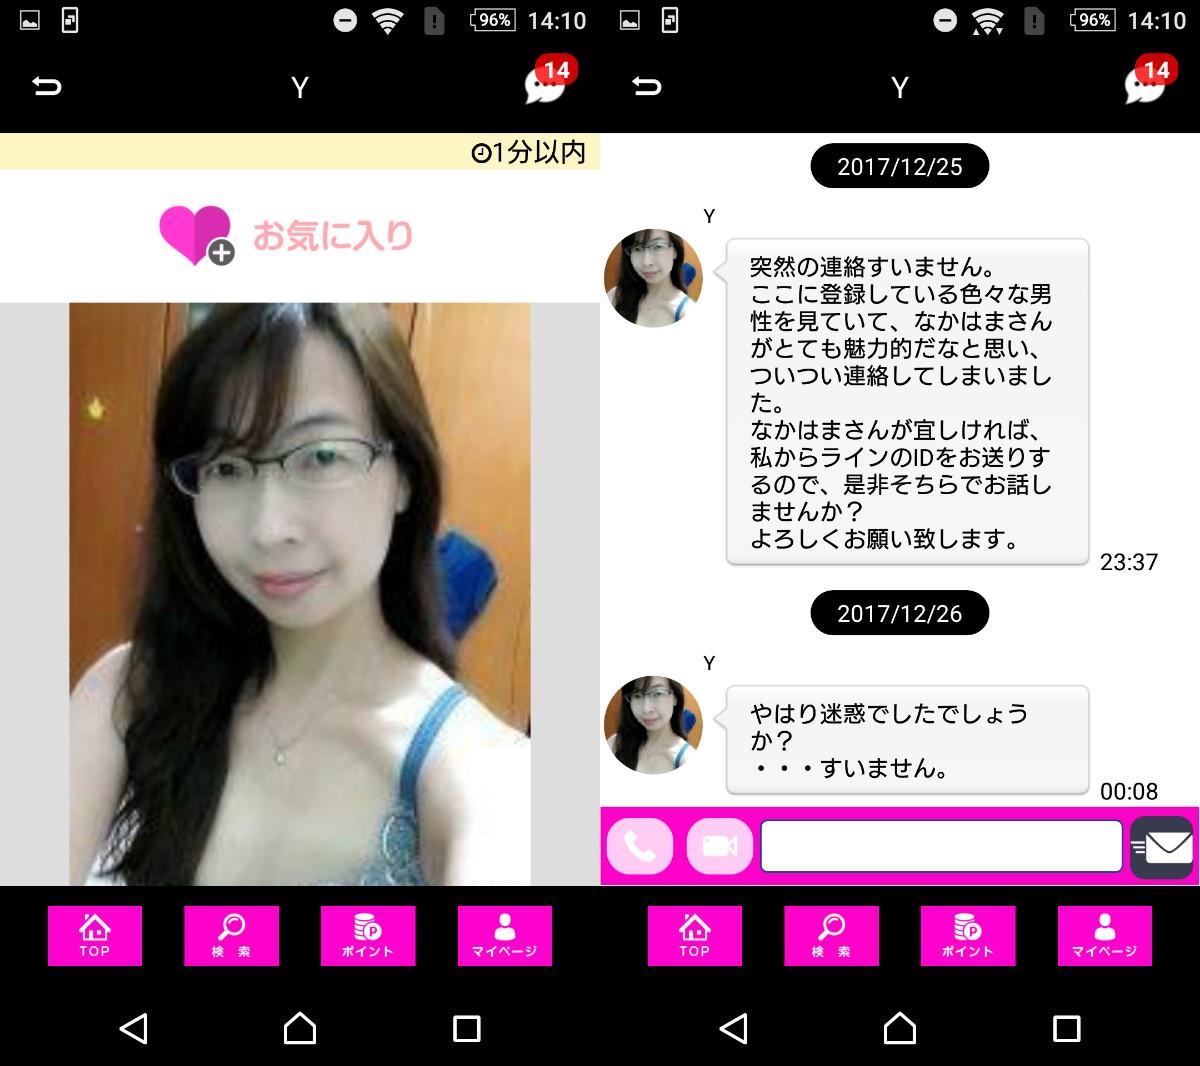 詐欺出会い系アプリ「ビデオ彼女」サクラのY